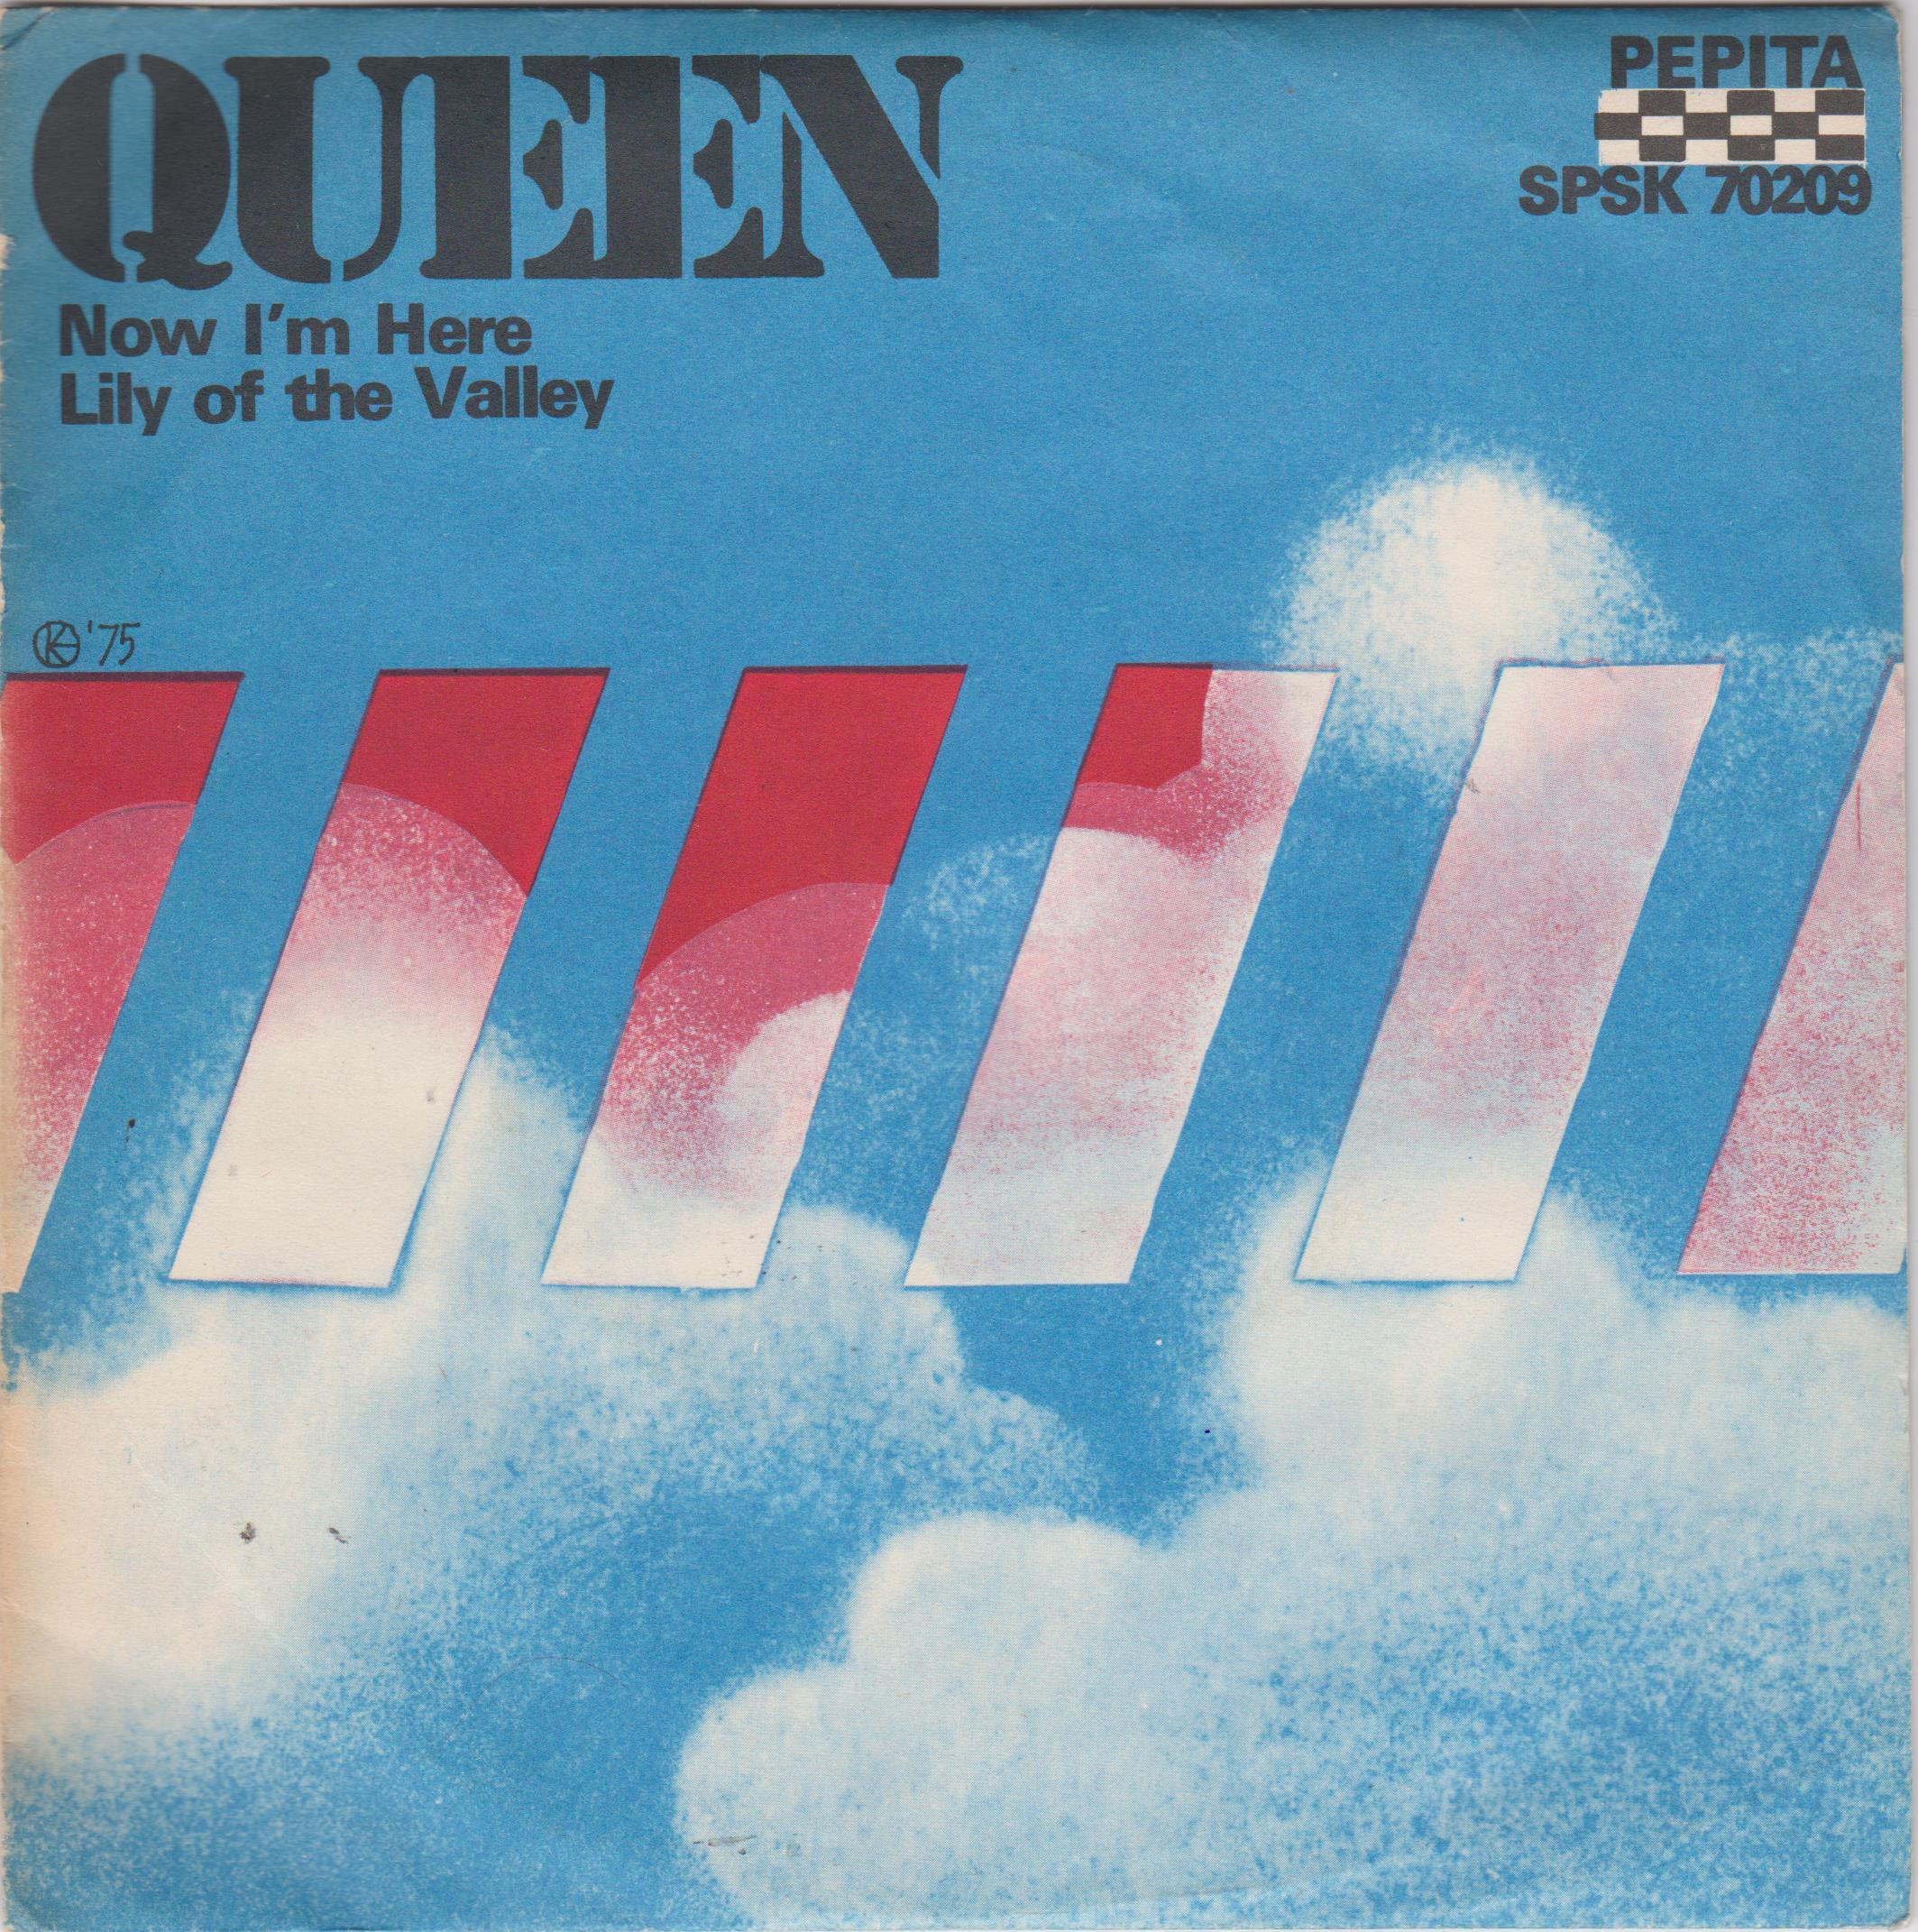 queen_1975_sp.jpg